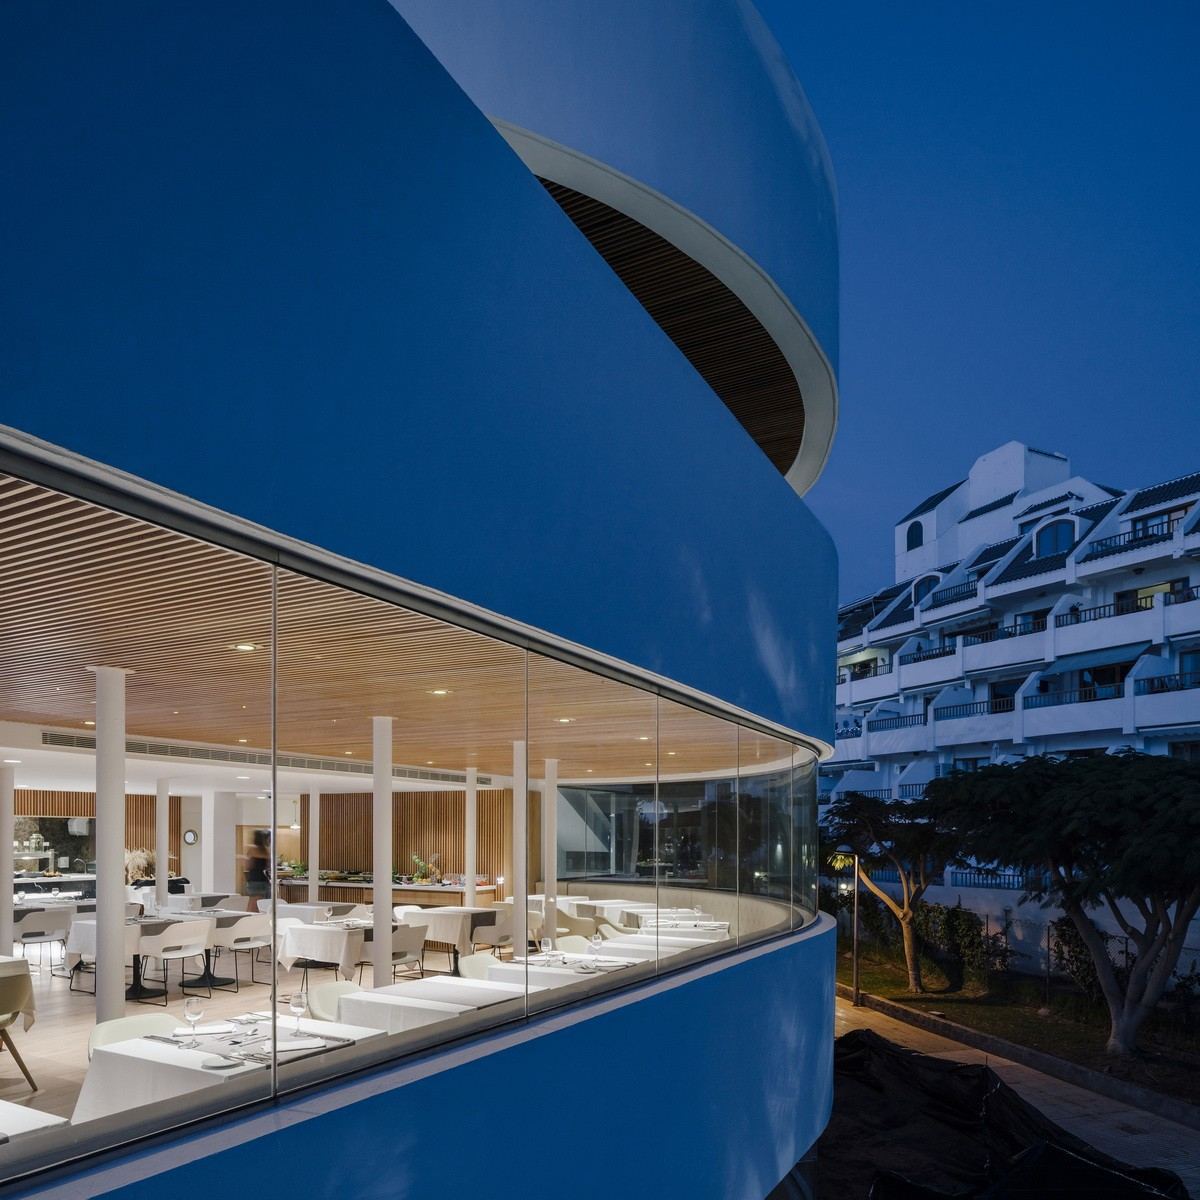 弗拉明戈俱乐部酒店建筑设计/Zooco Estudio